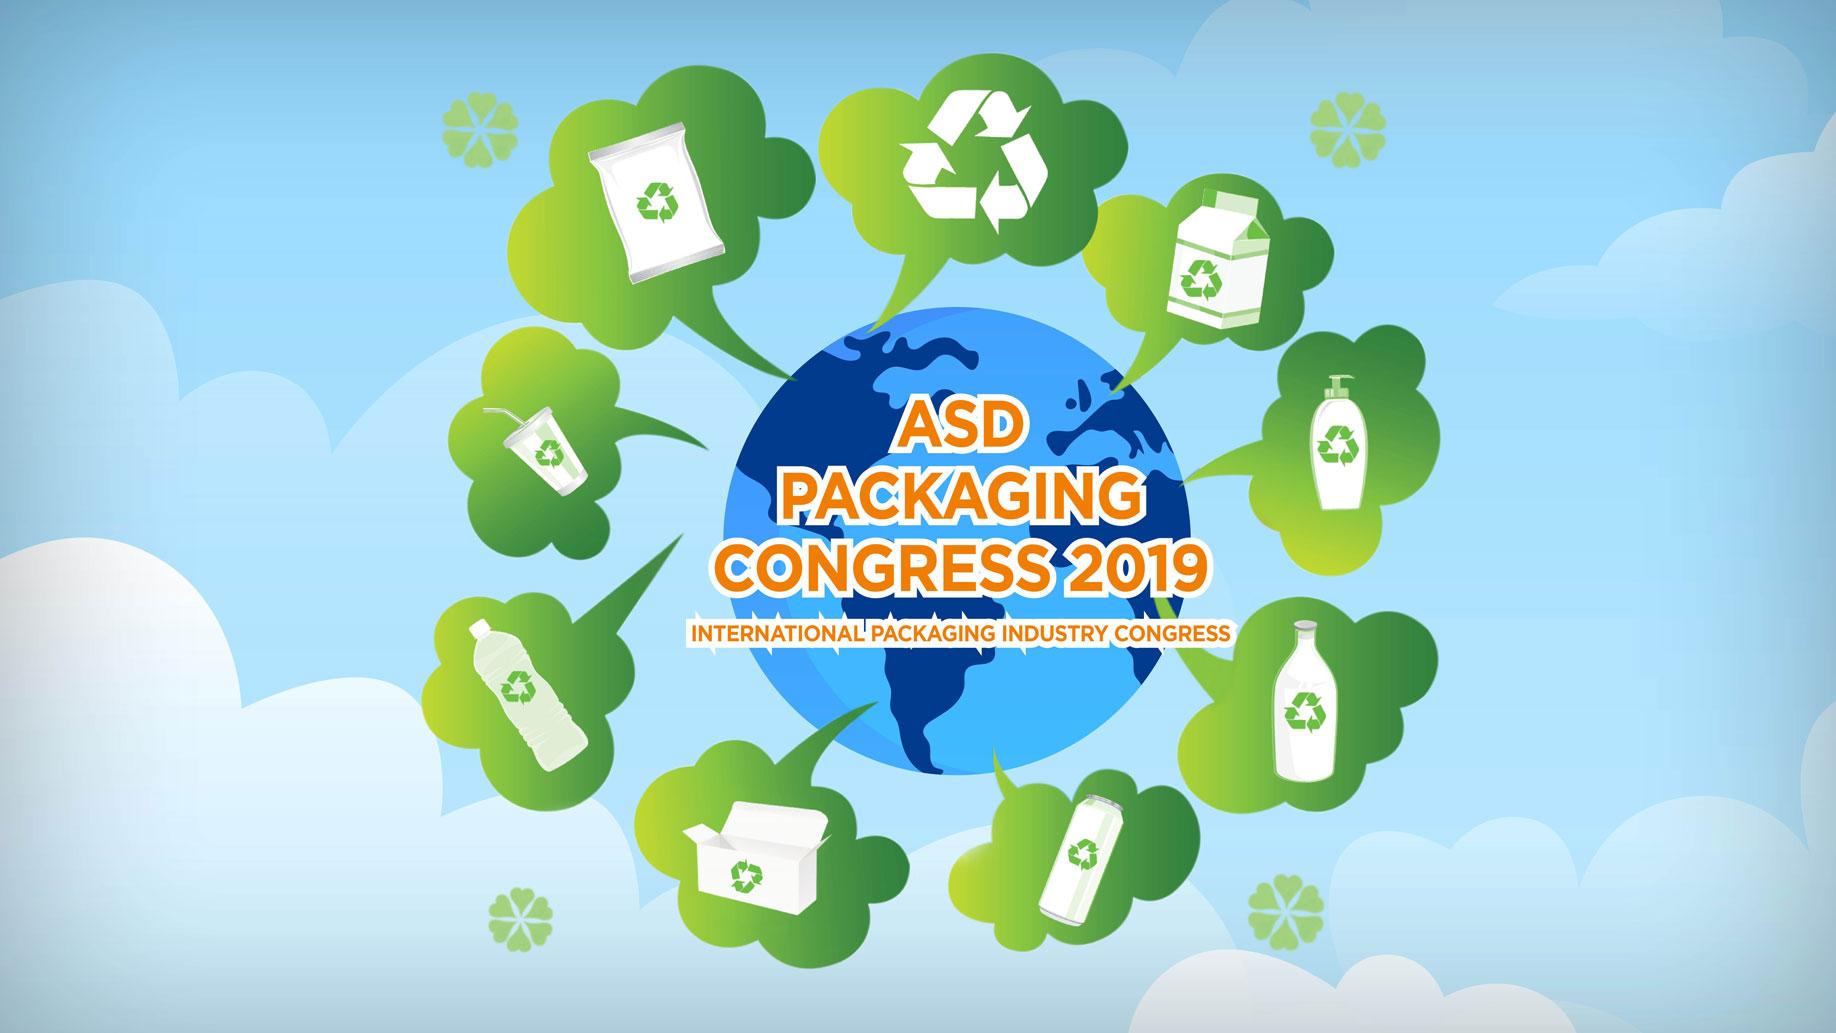 Packaging Congress